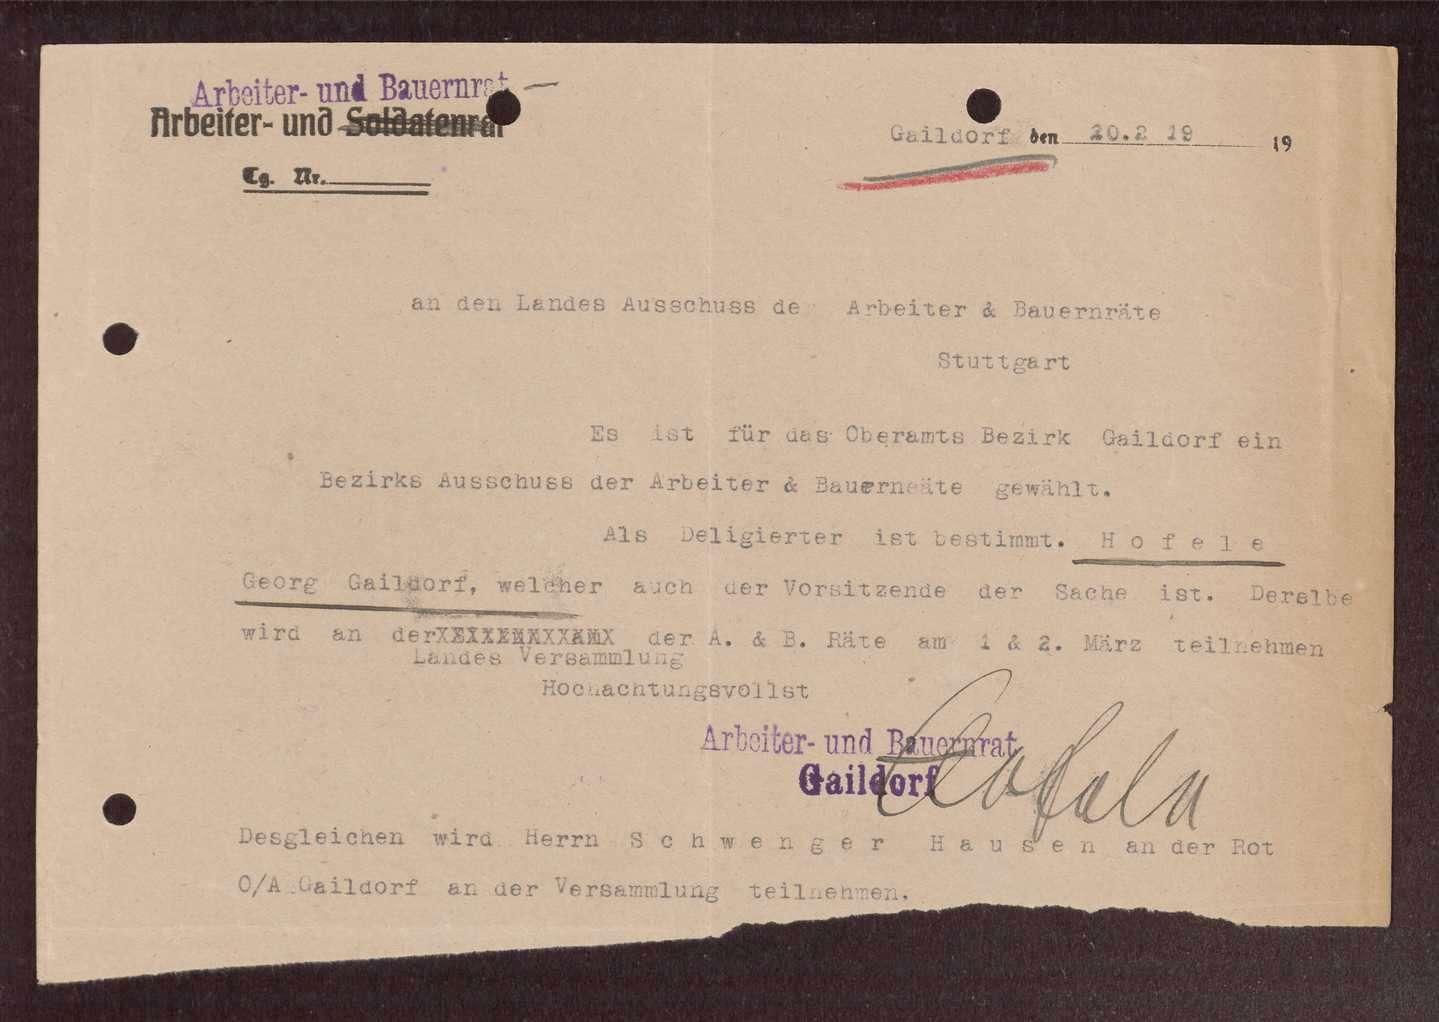 Wahl, Zusammensetzung und Auflösung der Arbeiter- und Bauernräte im Oberamt Gaildorf, Bild 2